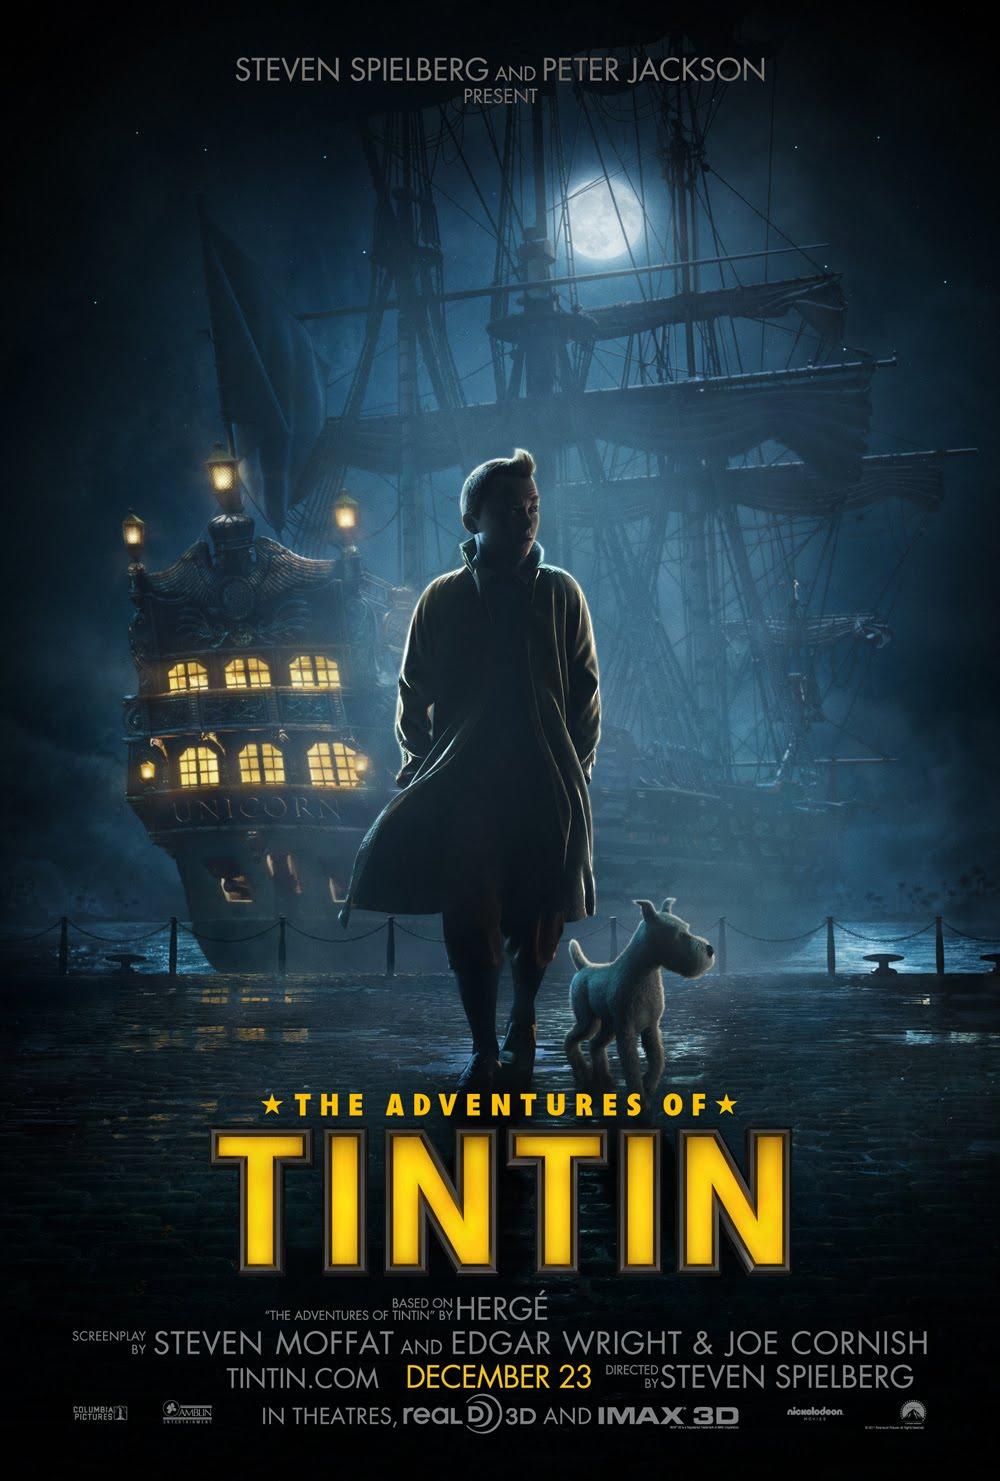 tintin_us_poster1_1000px